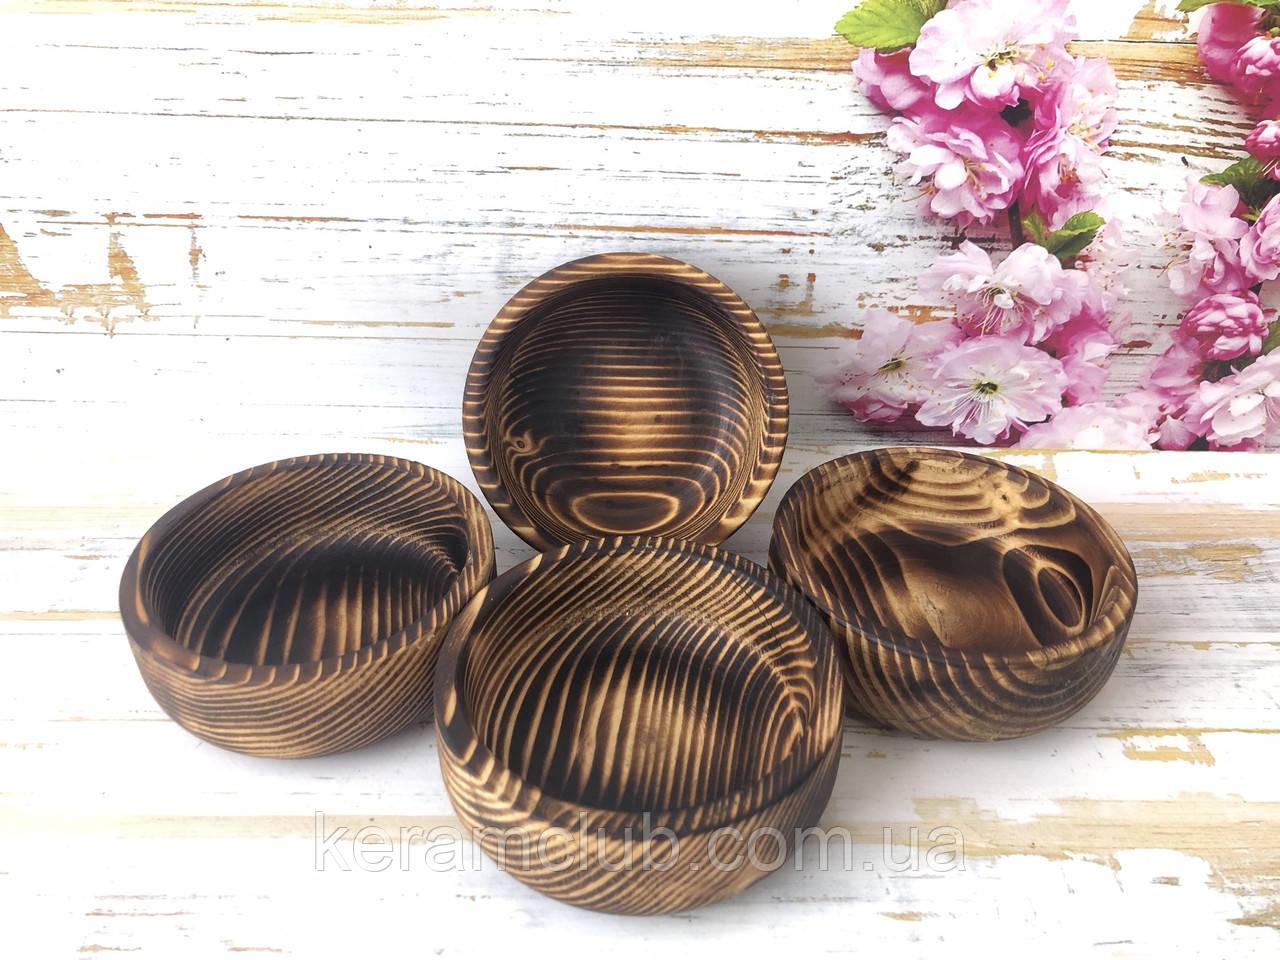 Набор деревянных пиал из натурального дерева h 4,5 см d 12 см